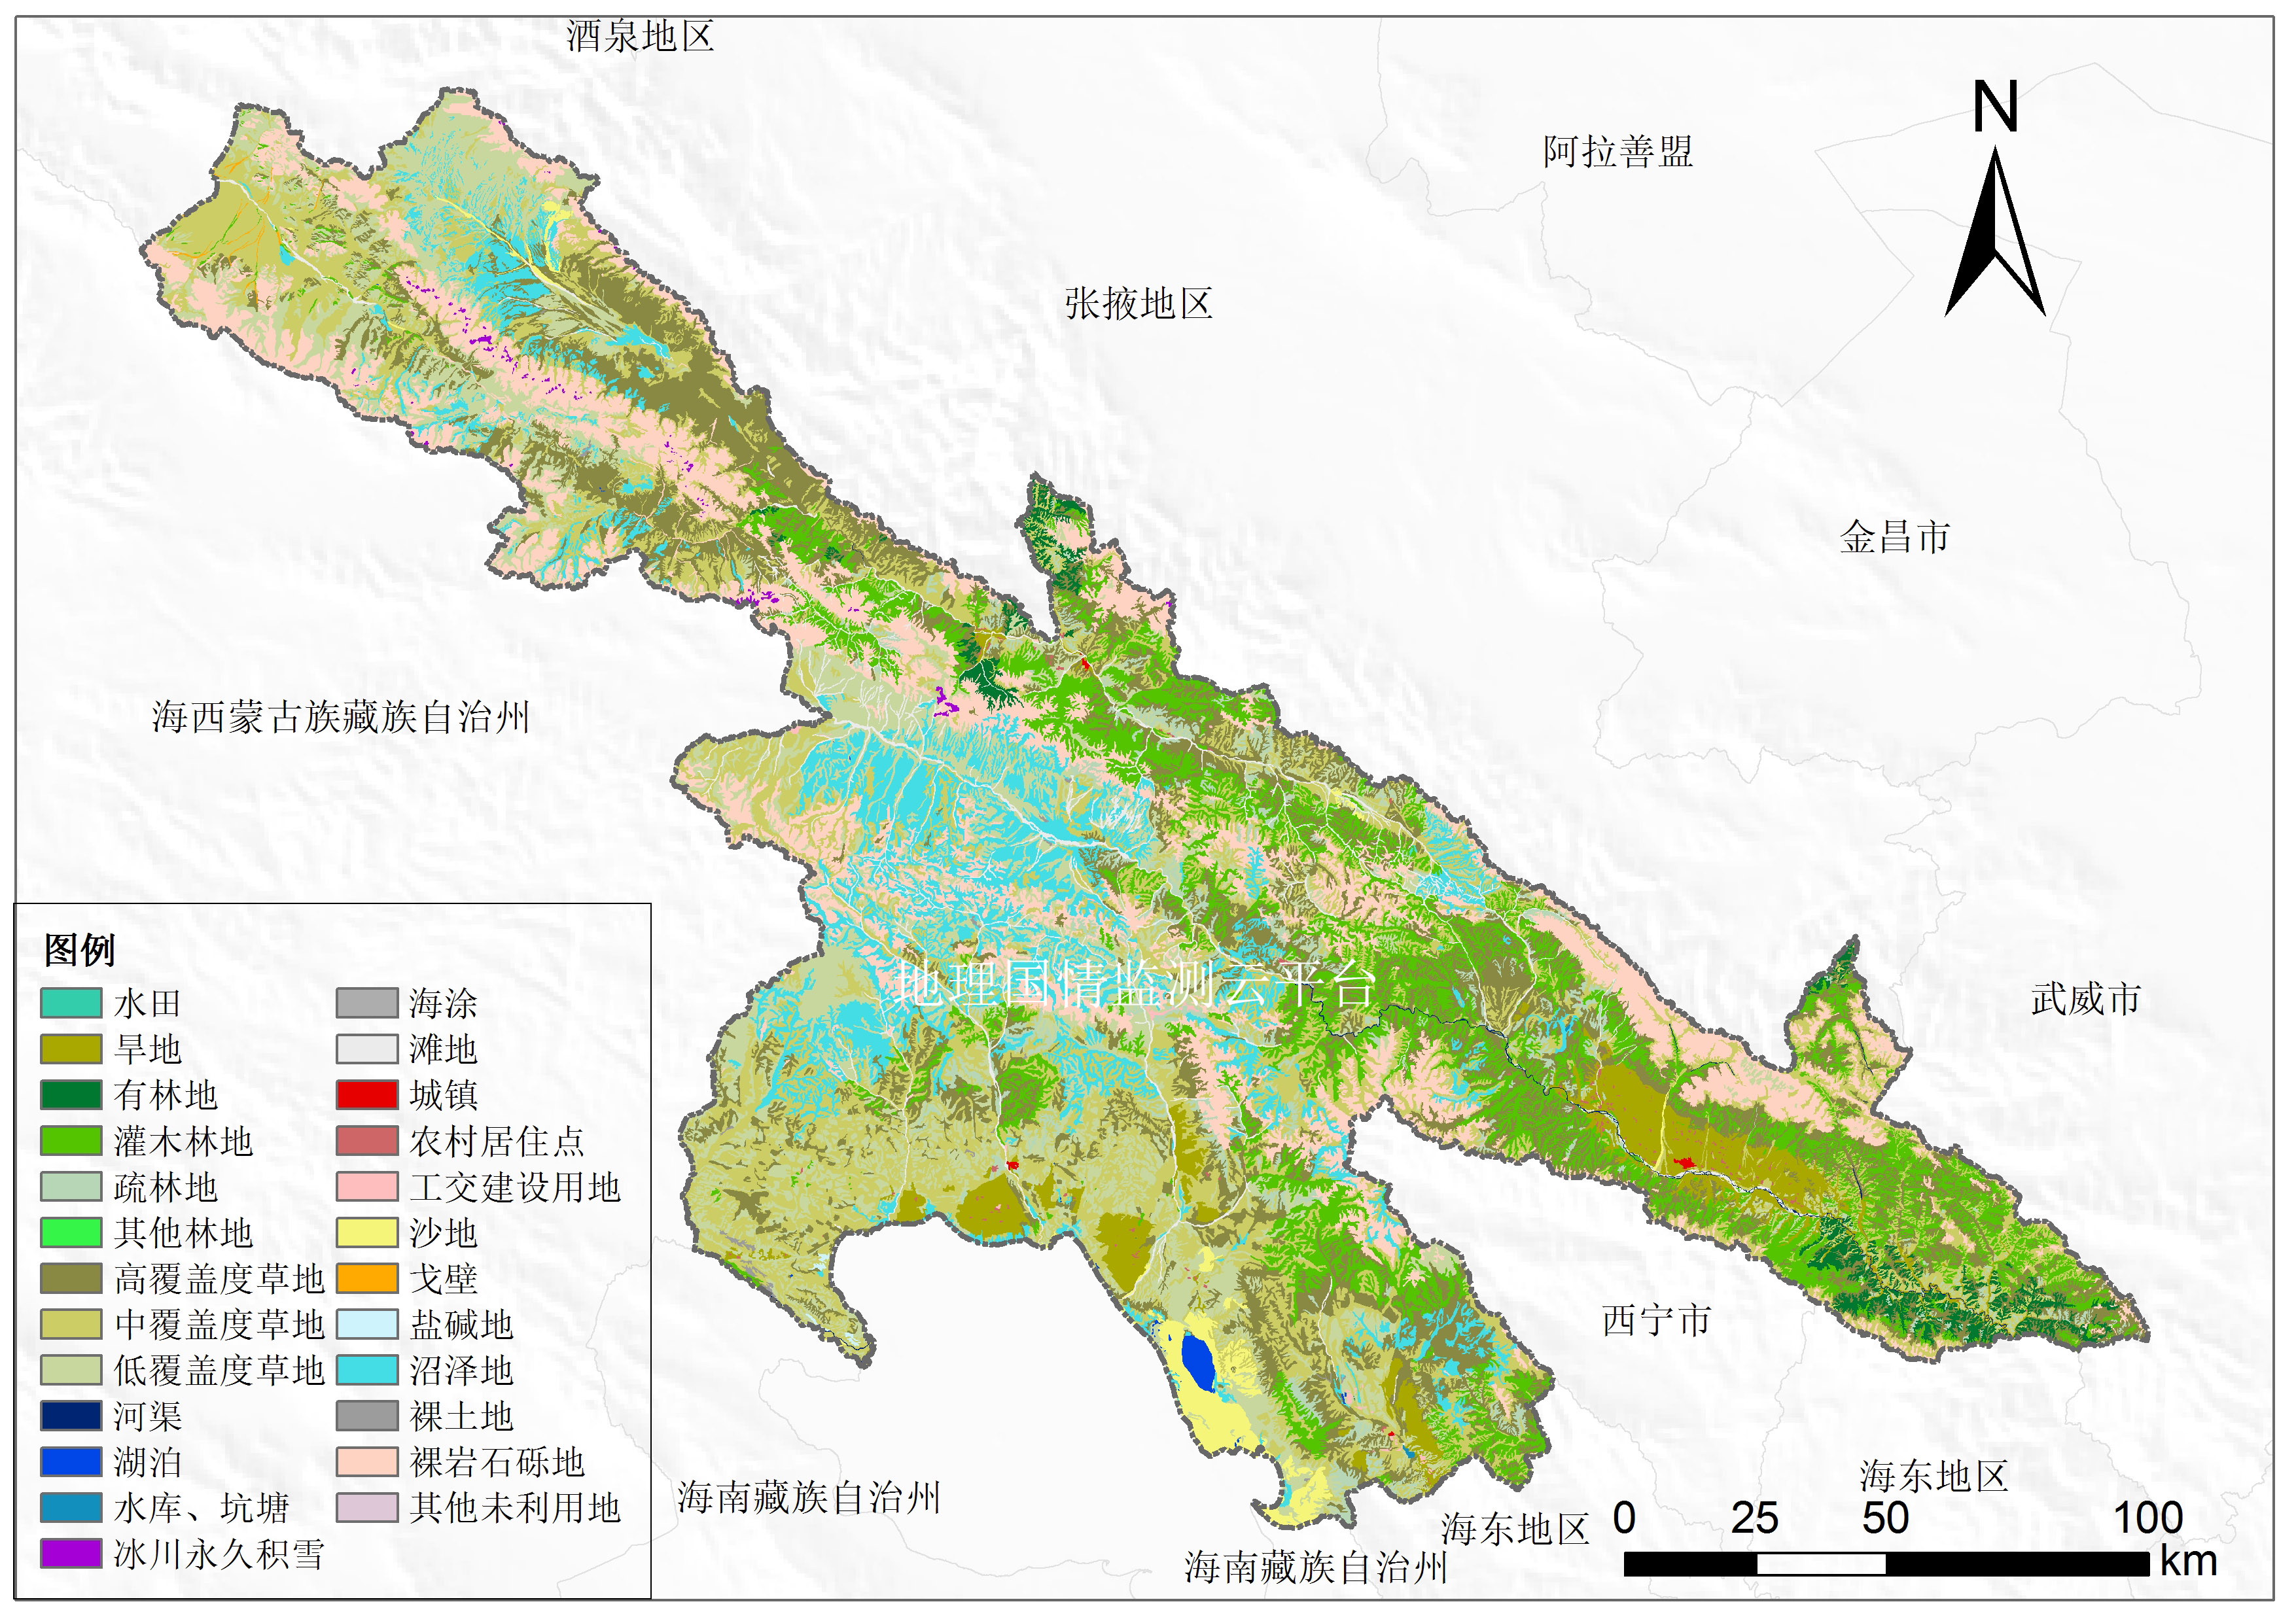 青海省8个市2010年土地利用图